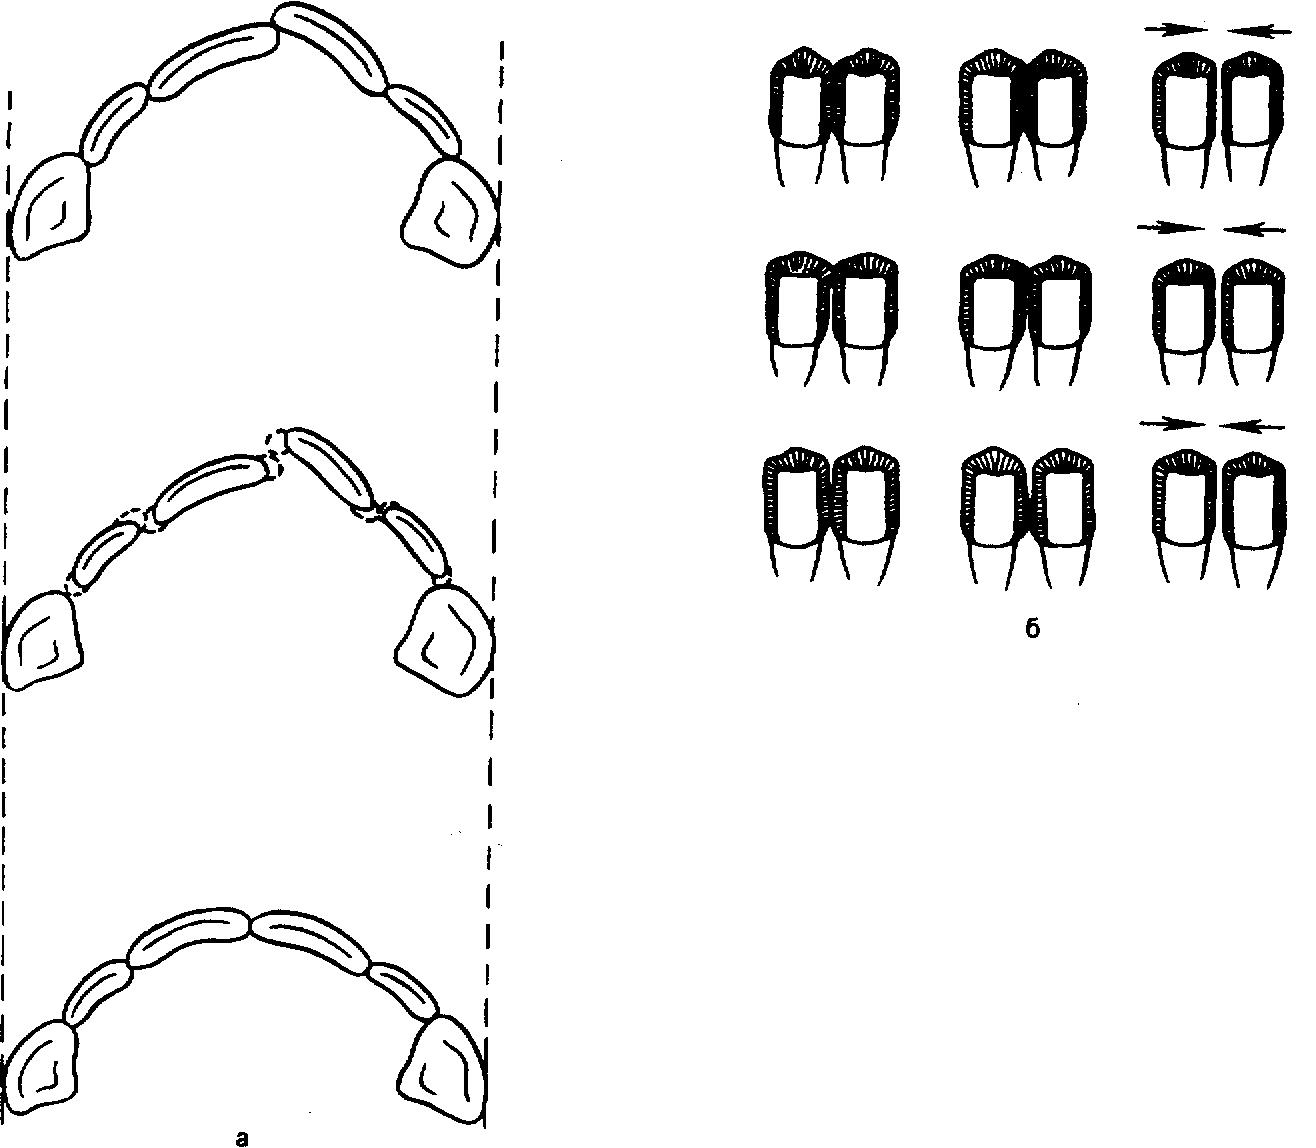 Пришлифовка зубов при пародонтите || Пришлифовка зубов при пародонтите